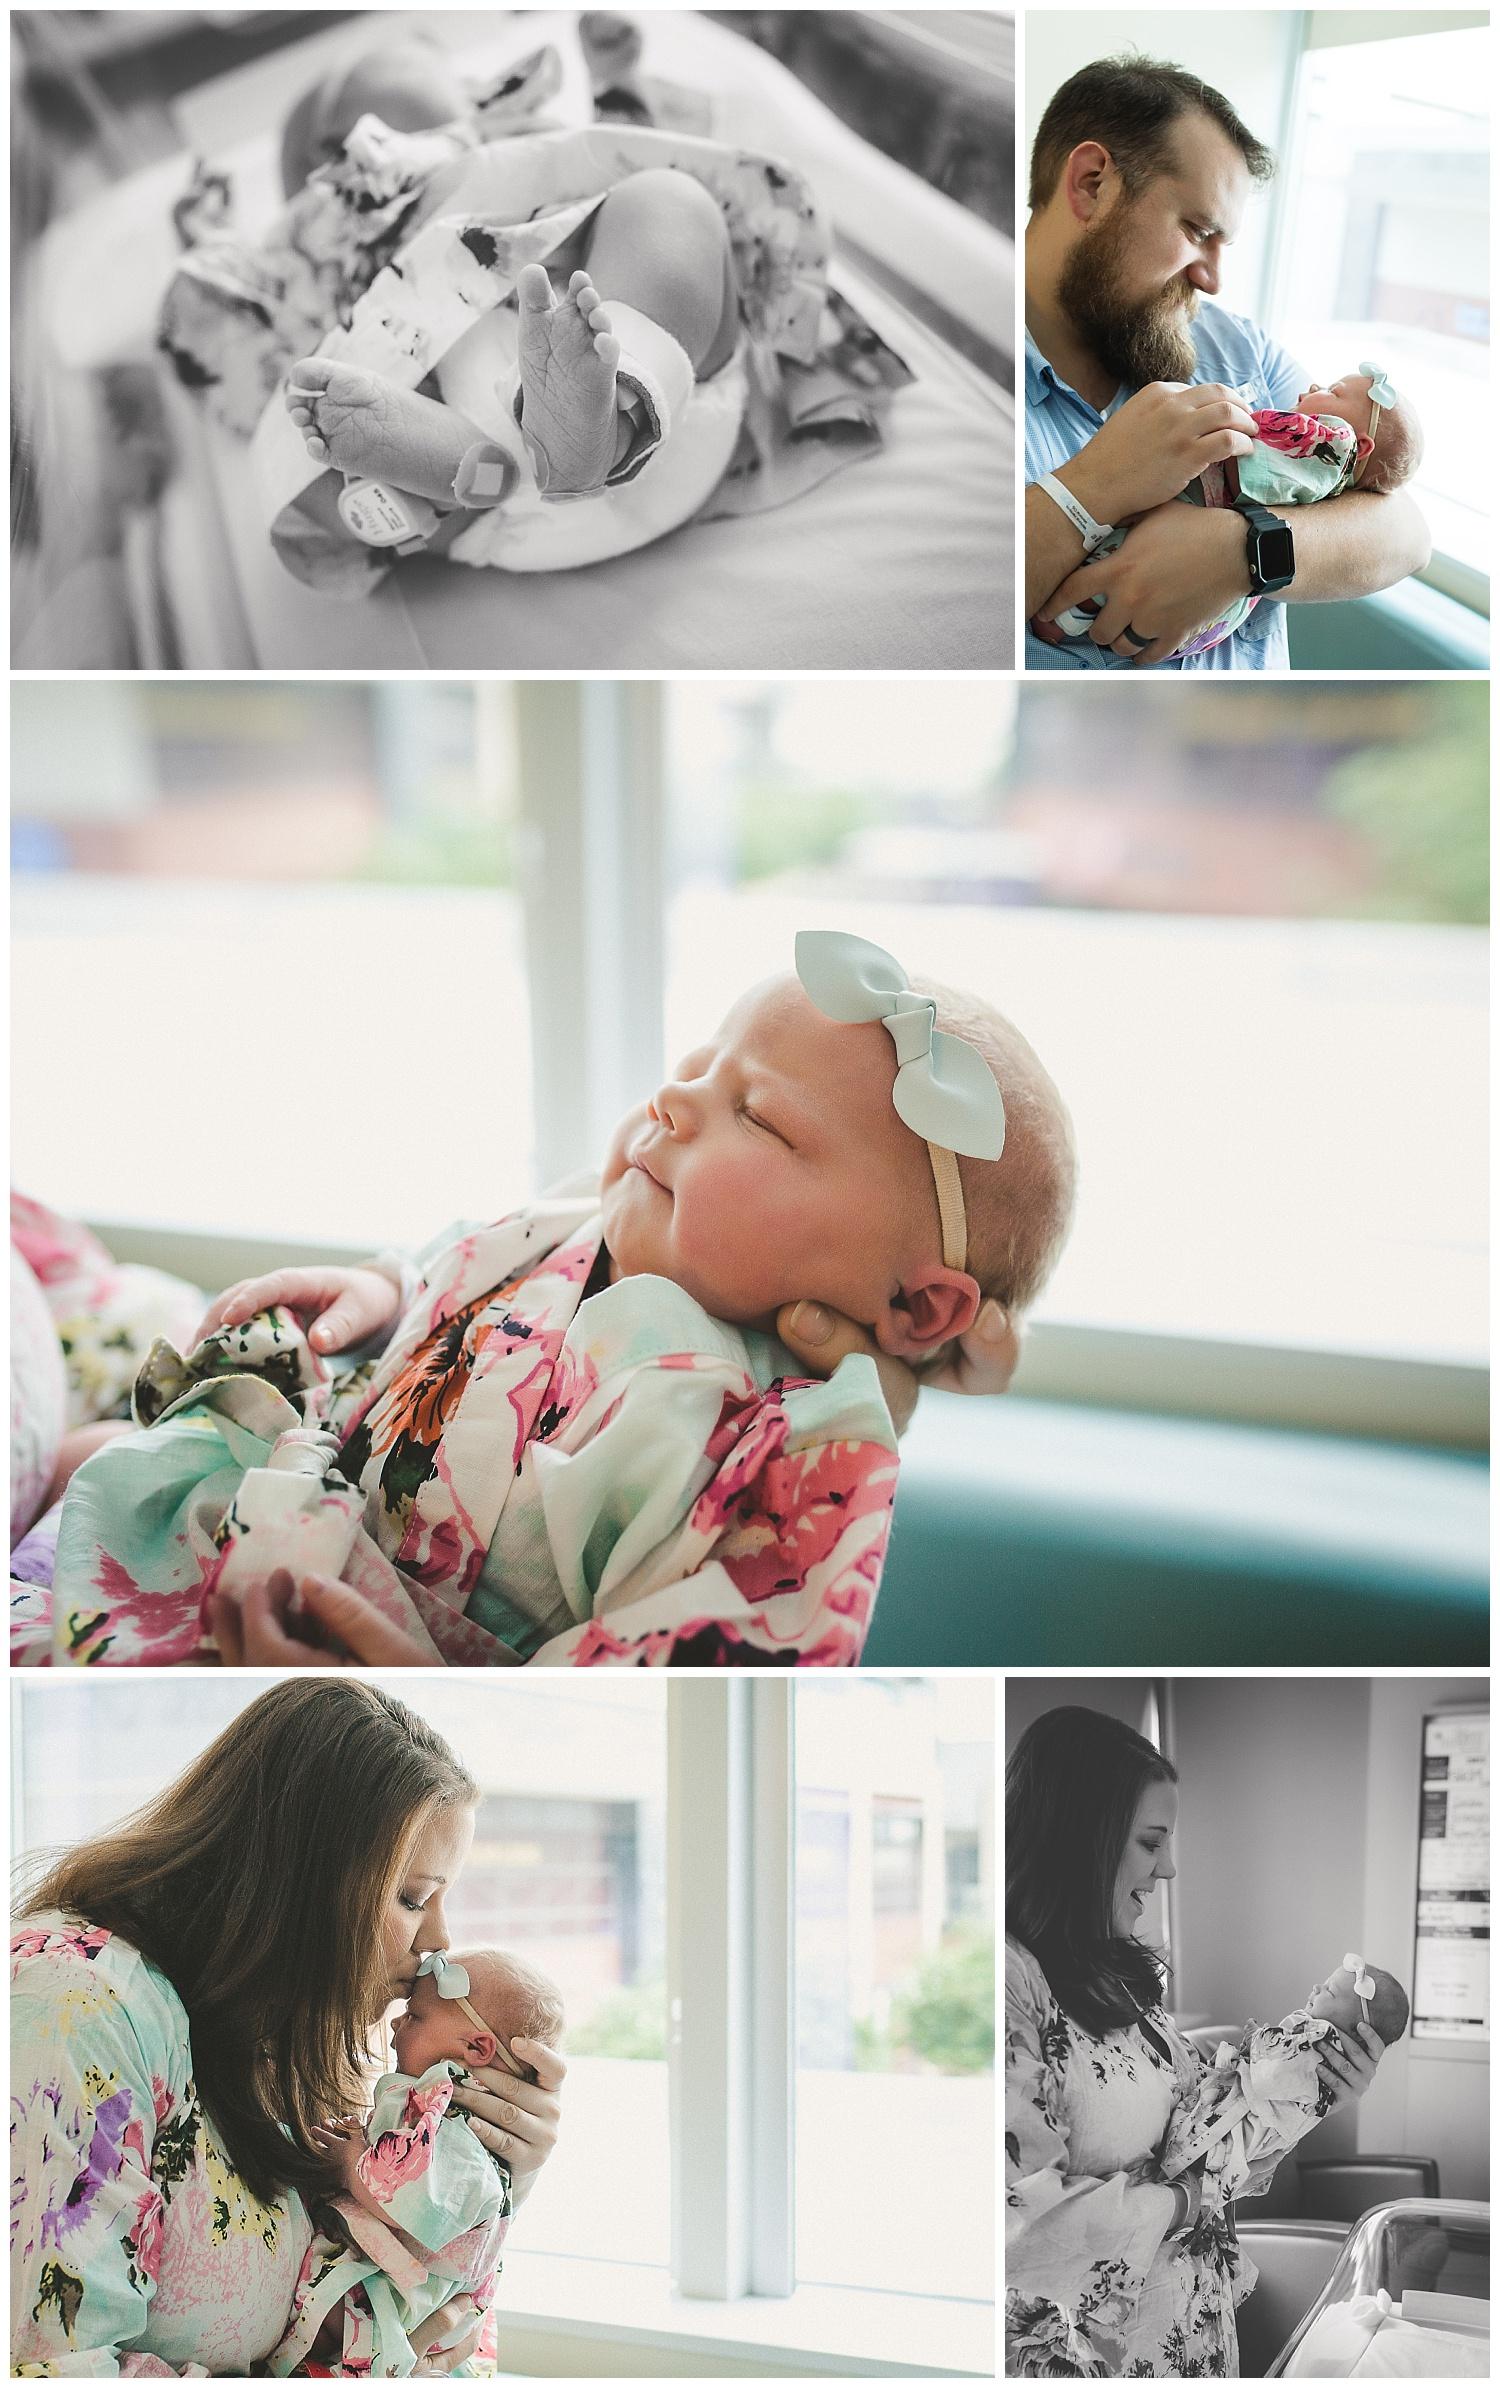 hospital-photos